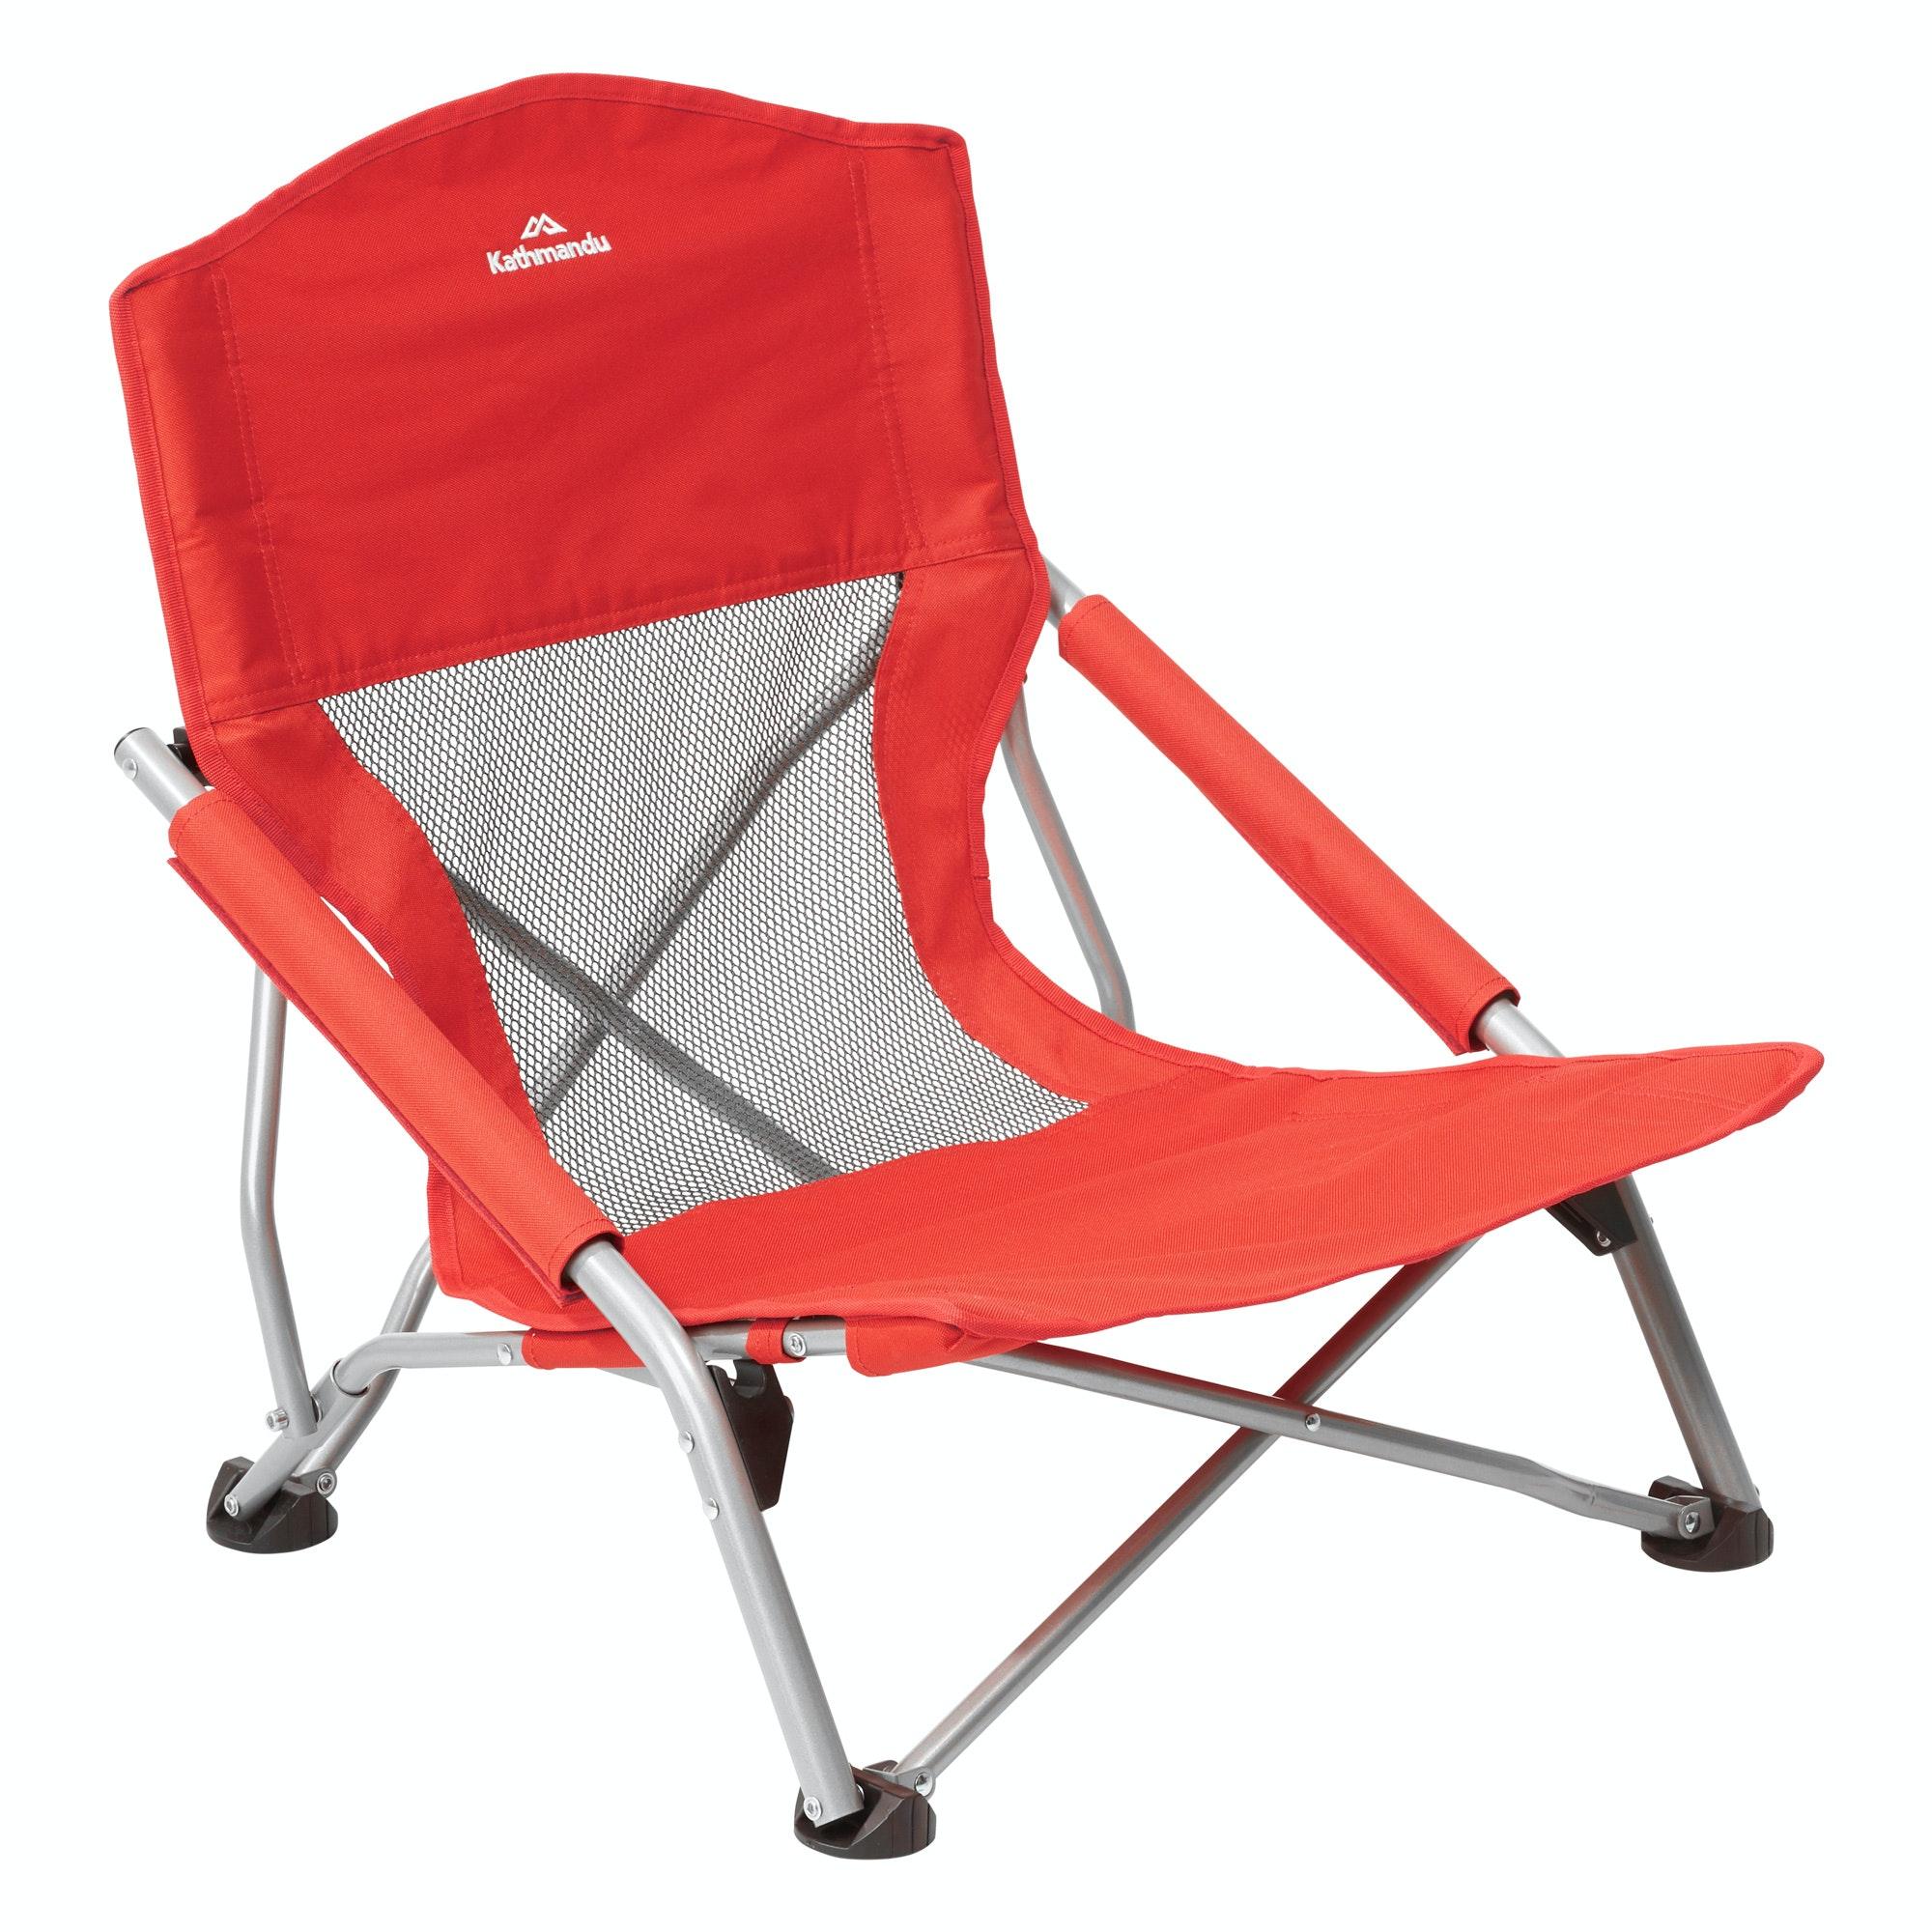 Roamer Festival Chair Red